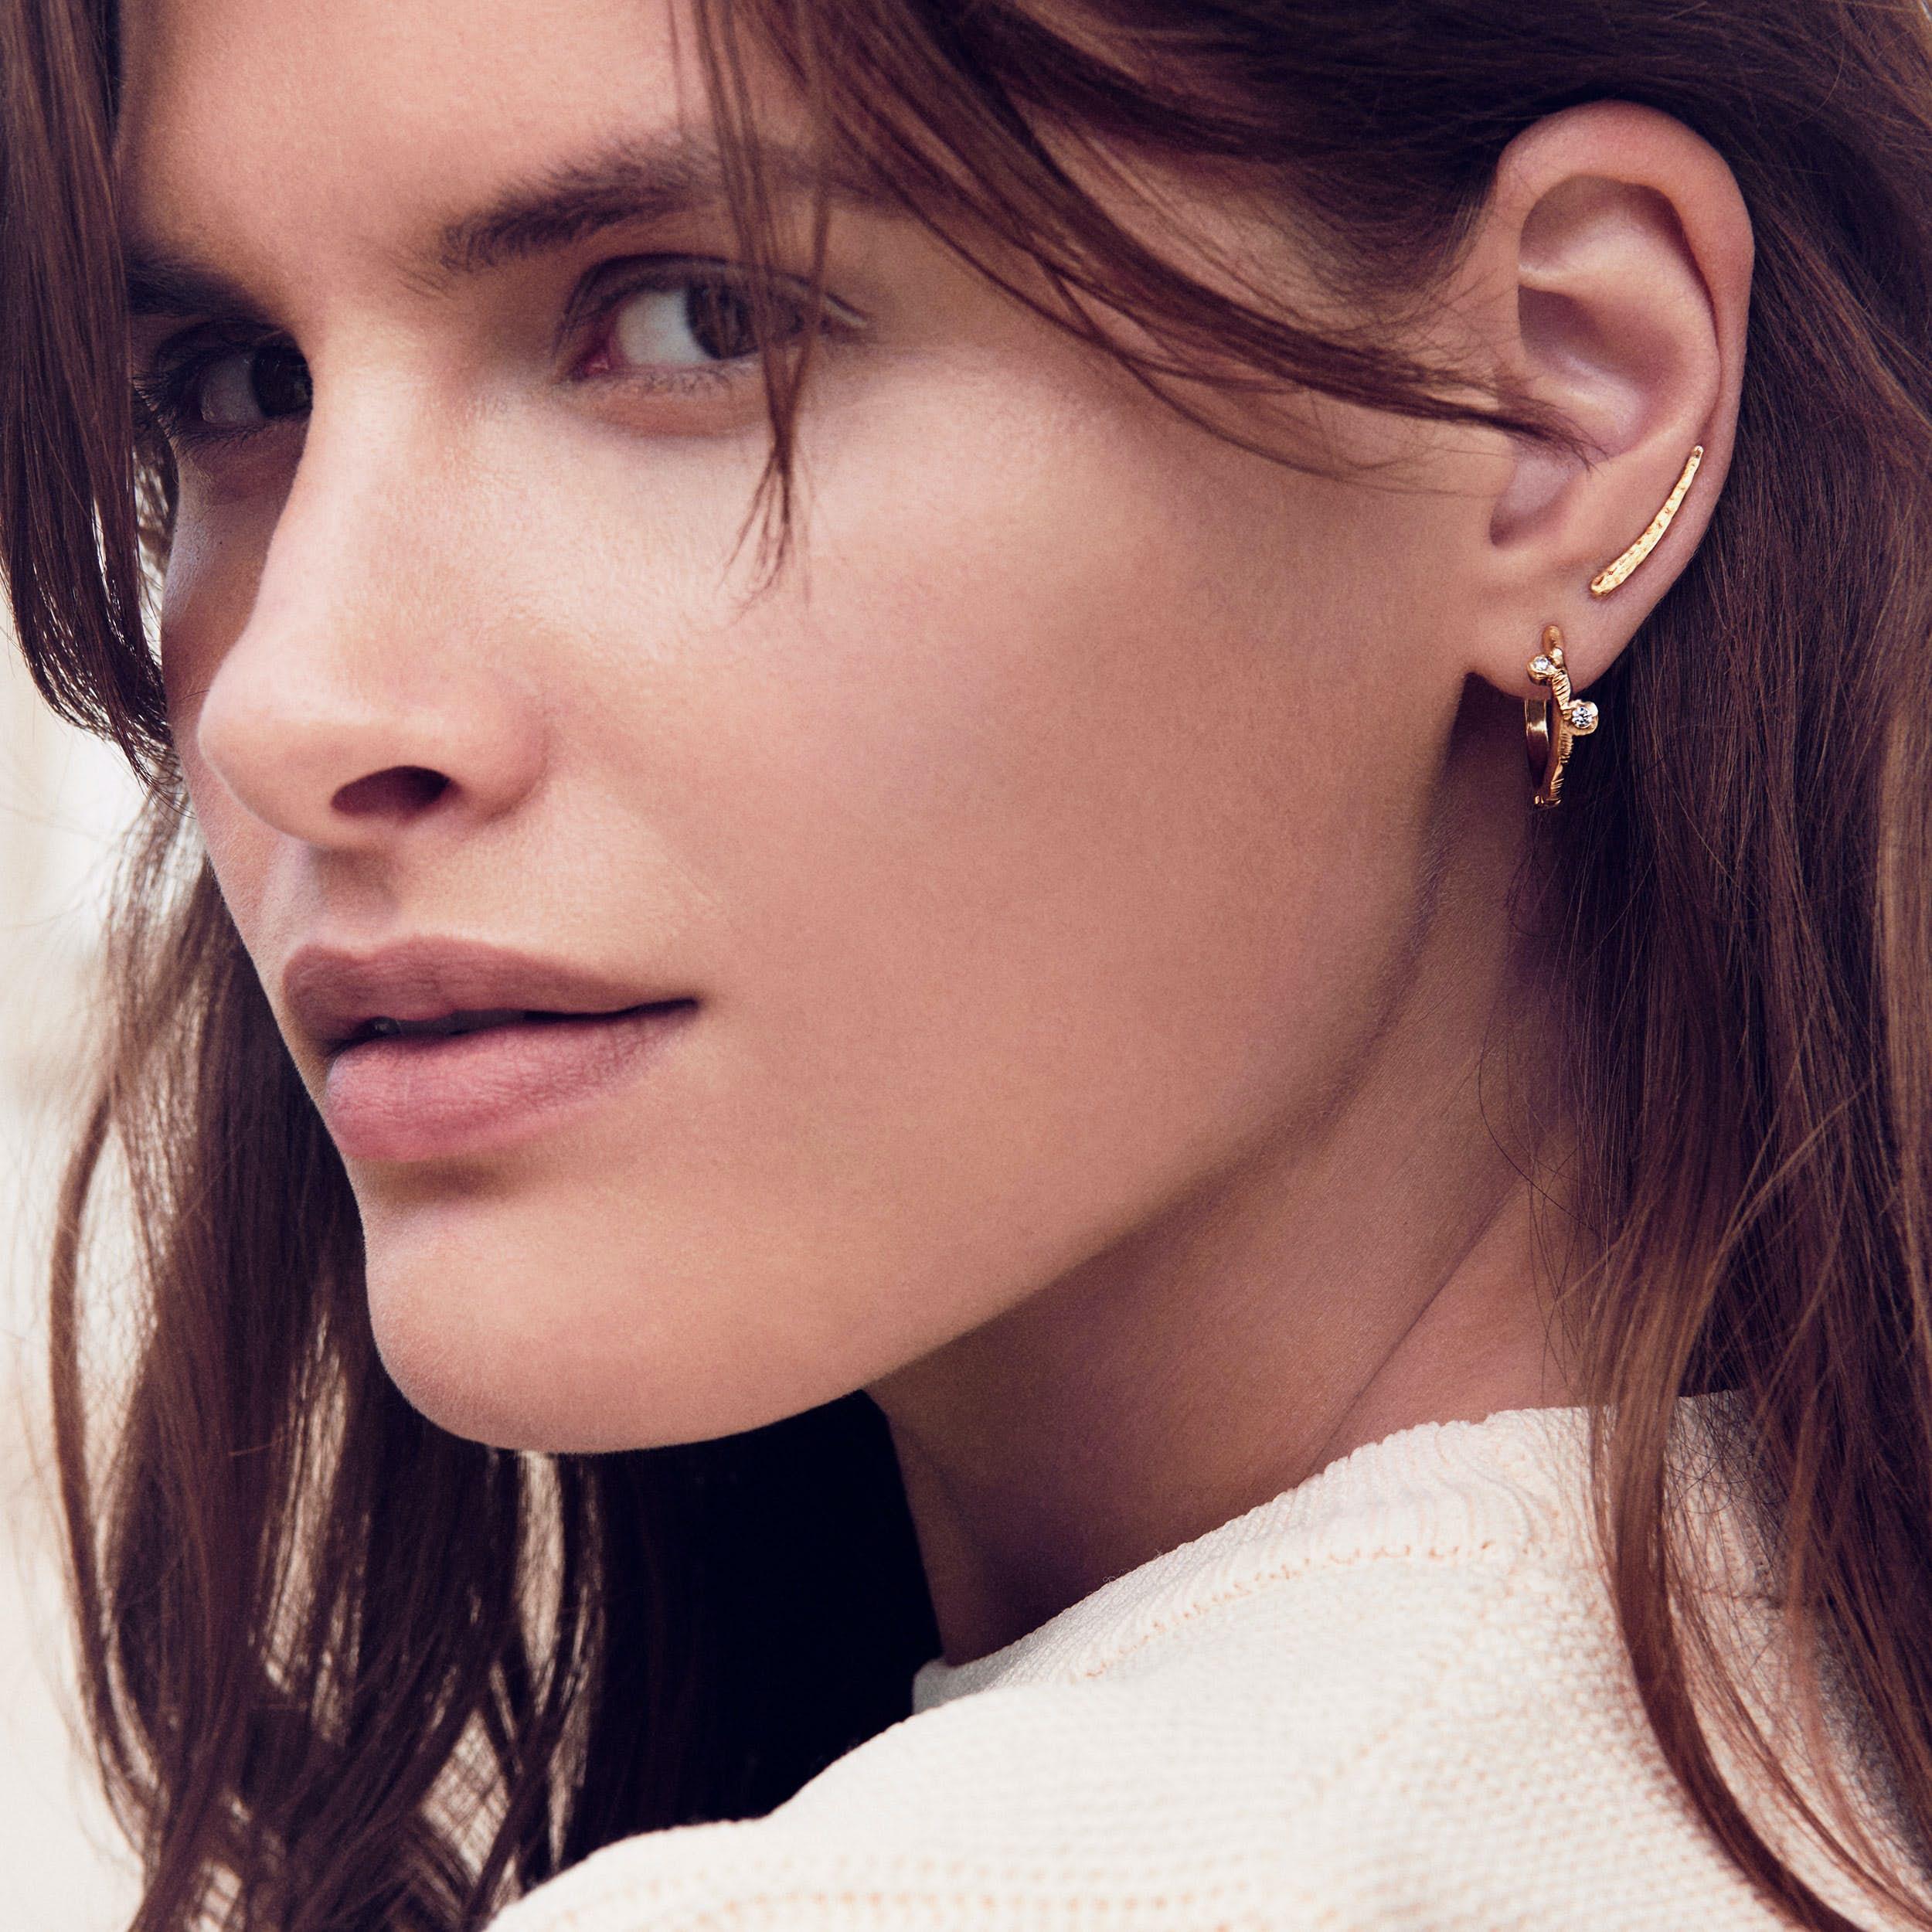 Maude Earrings from Enamel Copenhagen in Goldplated-Silver Sterling 925